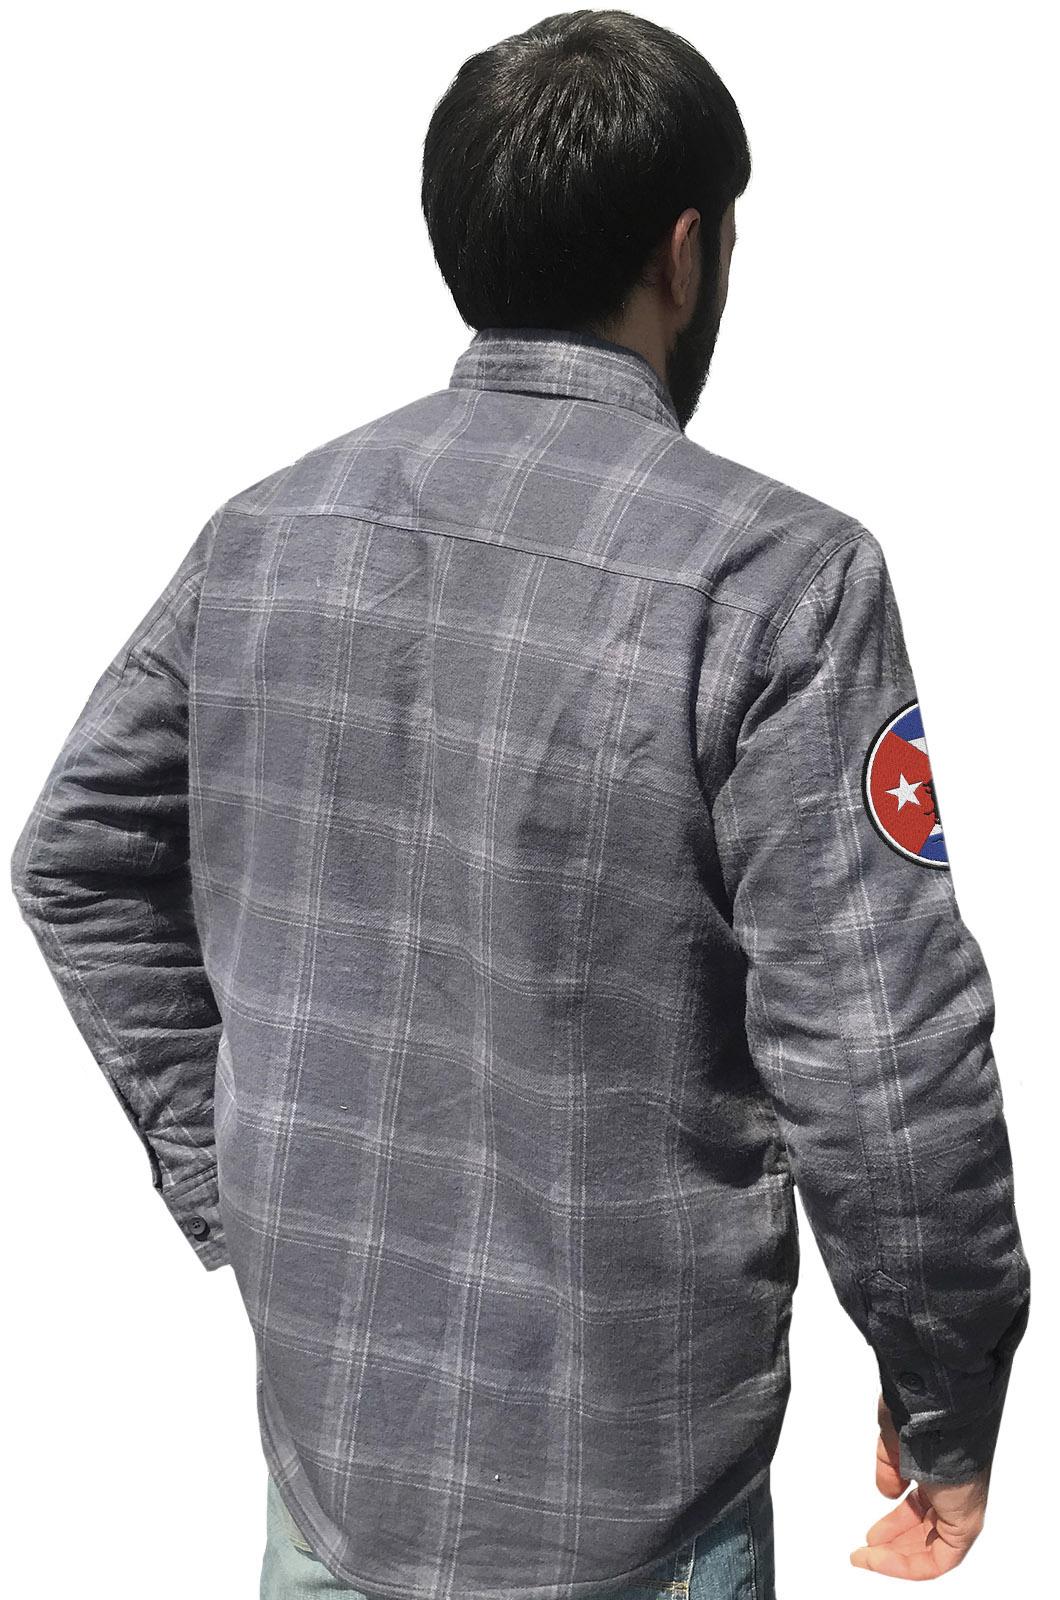 Купить стильную утепленную рубашку с вышитым шевроном Че Гевара с доставкой или самовывозом